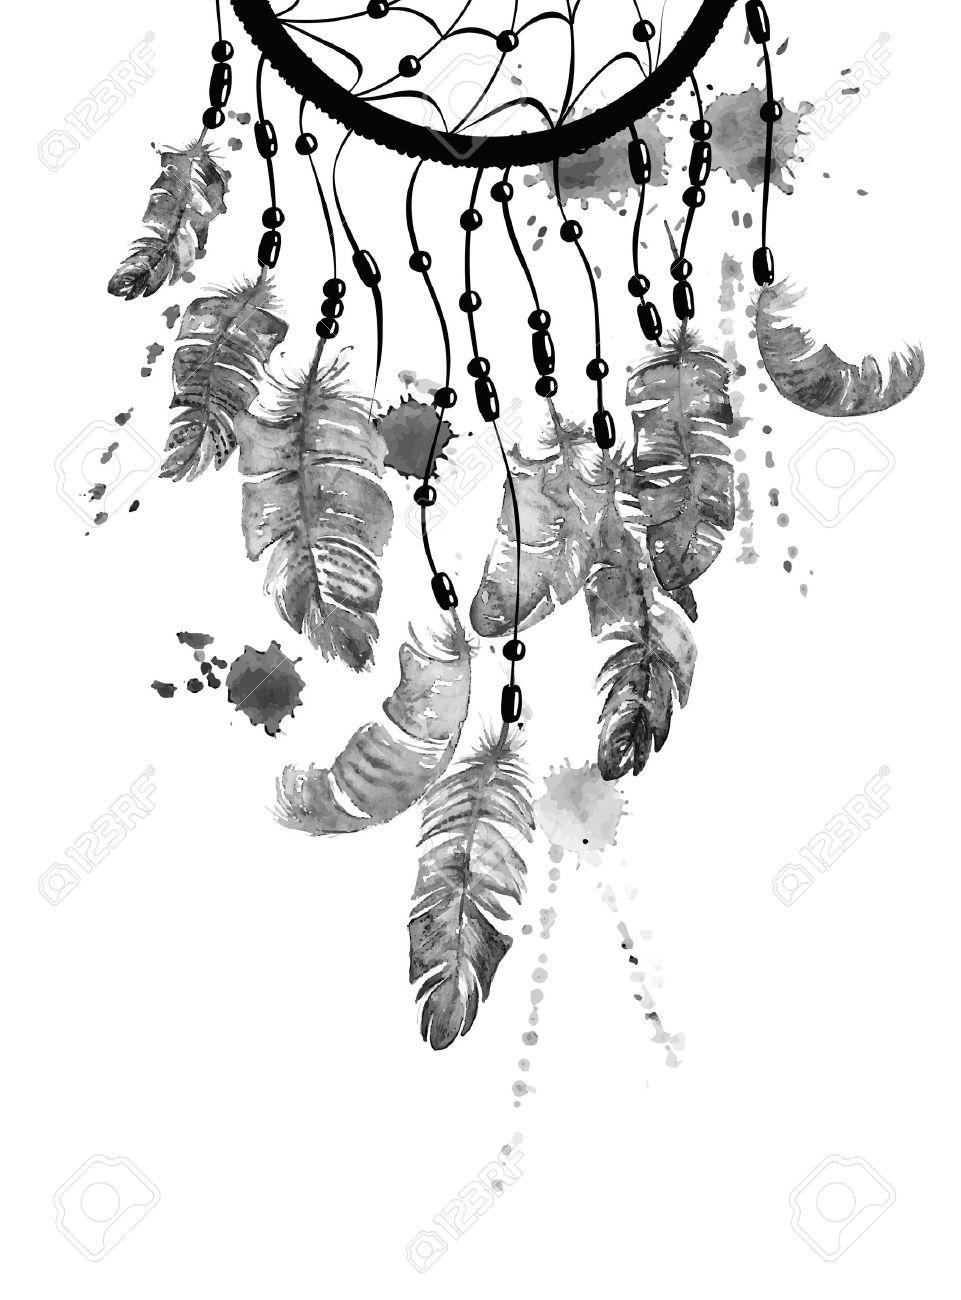 Mano Blanco Y Negro De La Acuarela Dibujado Ilustración étnico Con